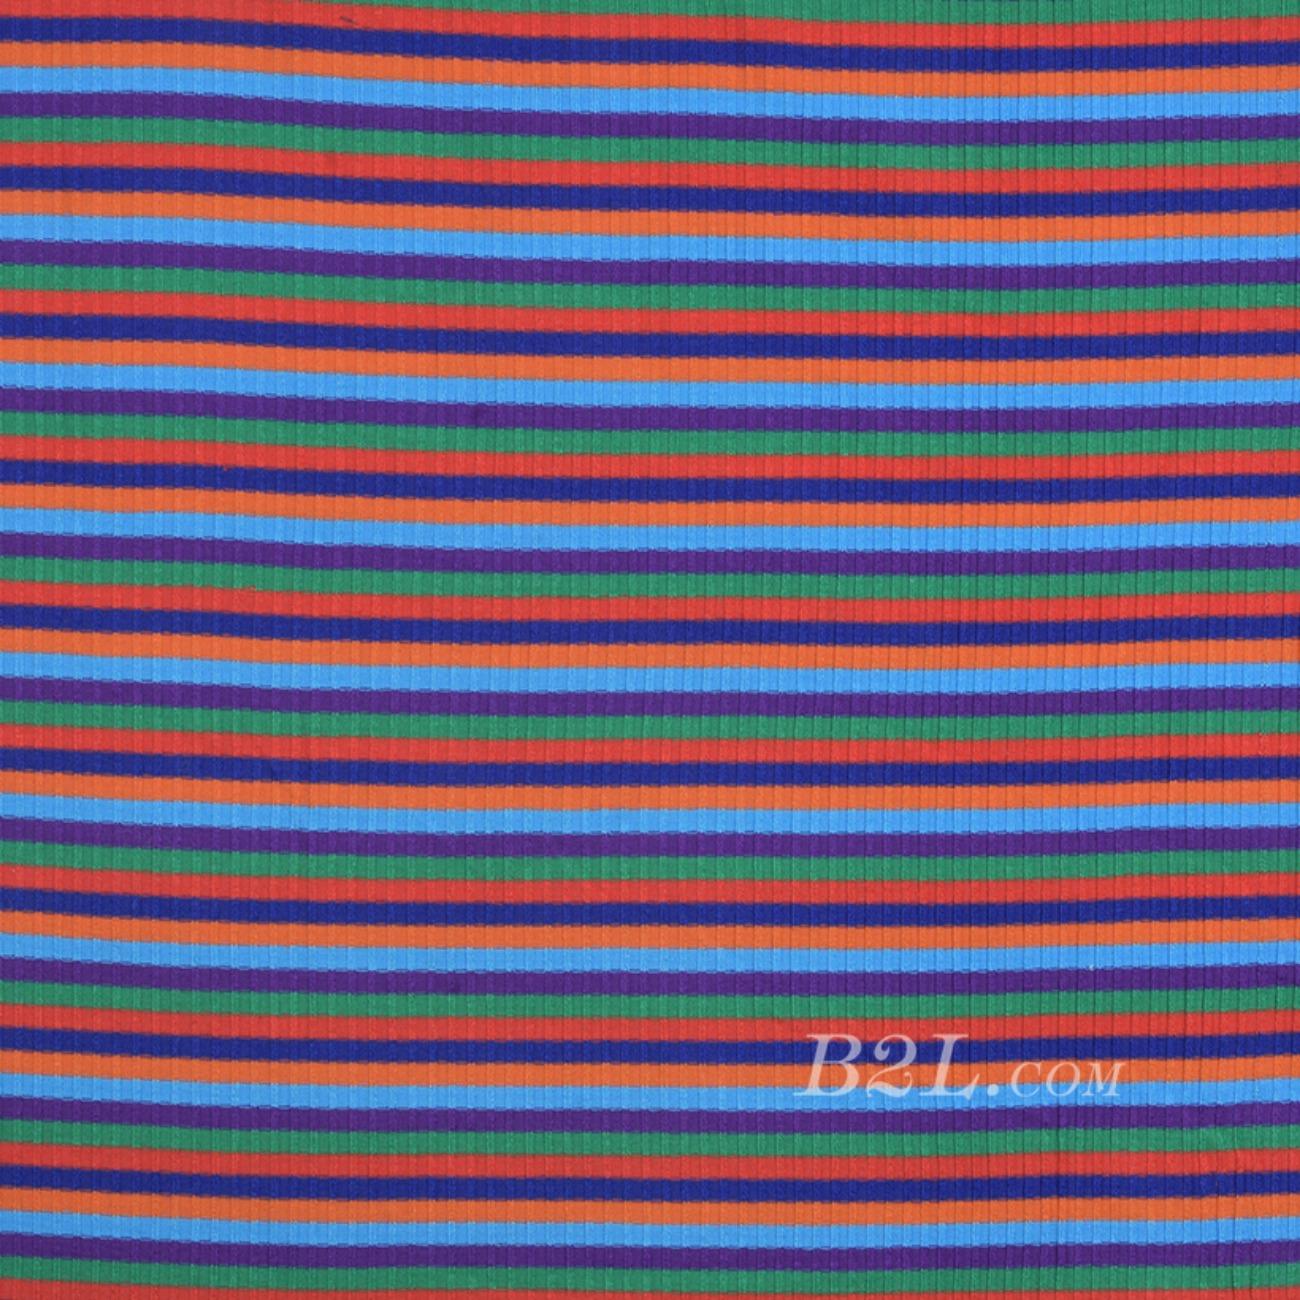 条纹 针织 横条 高弹 棉感 春秋 T恤 针织衫 连衣裙 80905-31